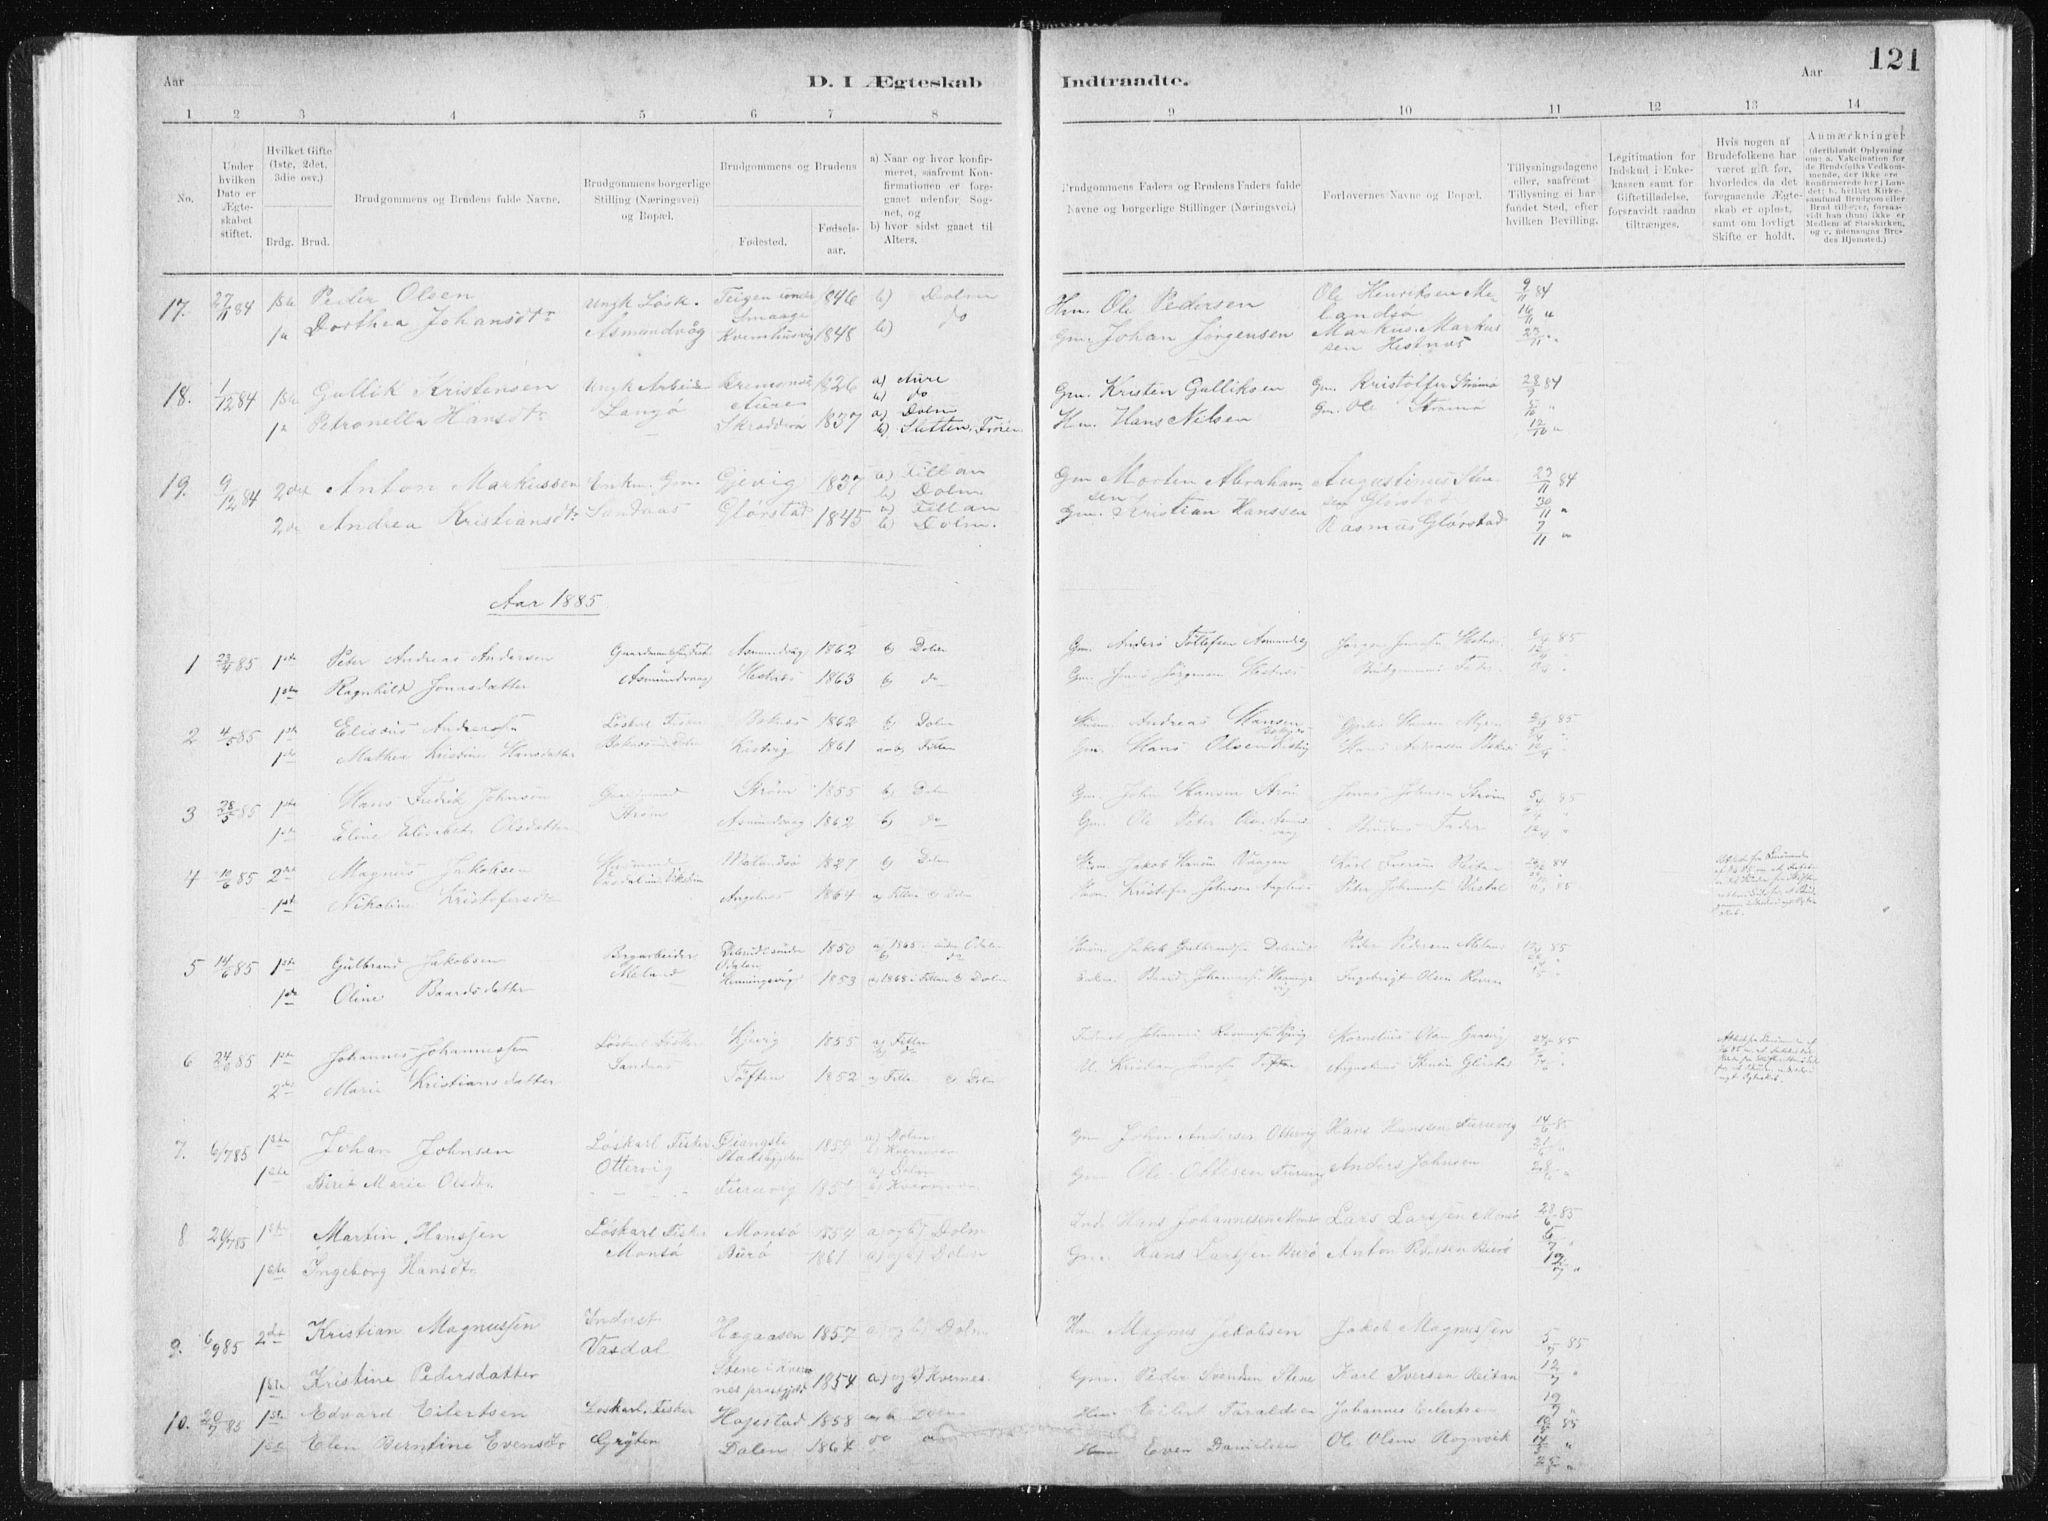 SAT, Ministerialprotokoller, klokkerbøker og fødselsregistre - Sør-Trøndelag, 634/L0533: Ministerialbok nr. 634A09, 1882-1901, s. 121